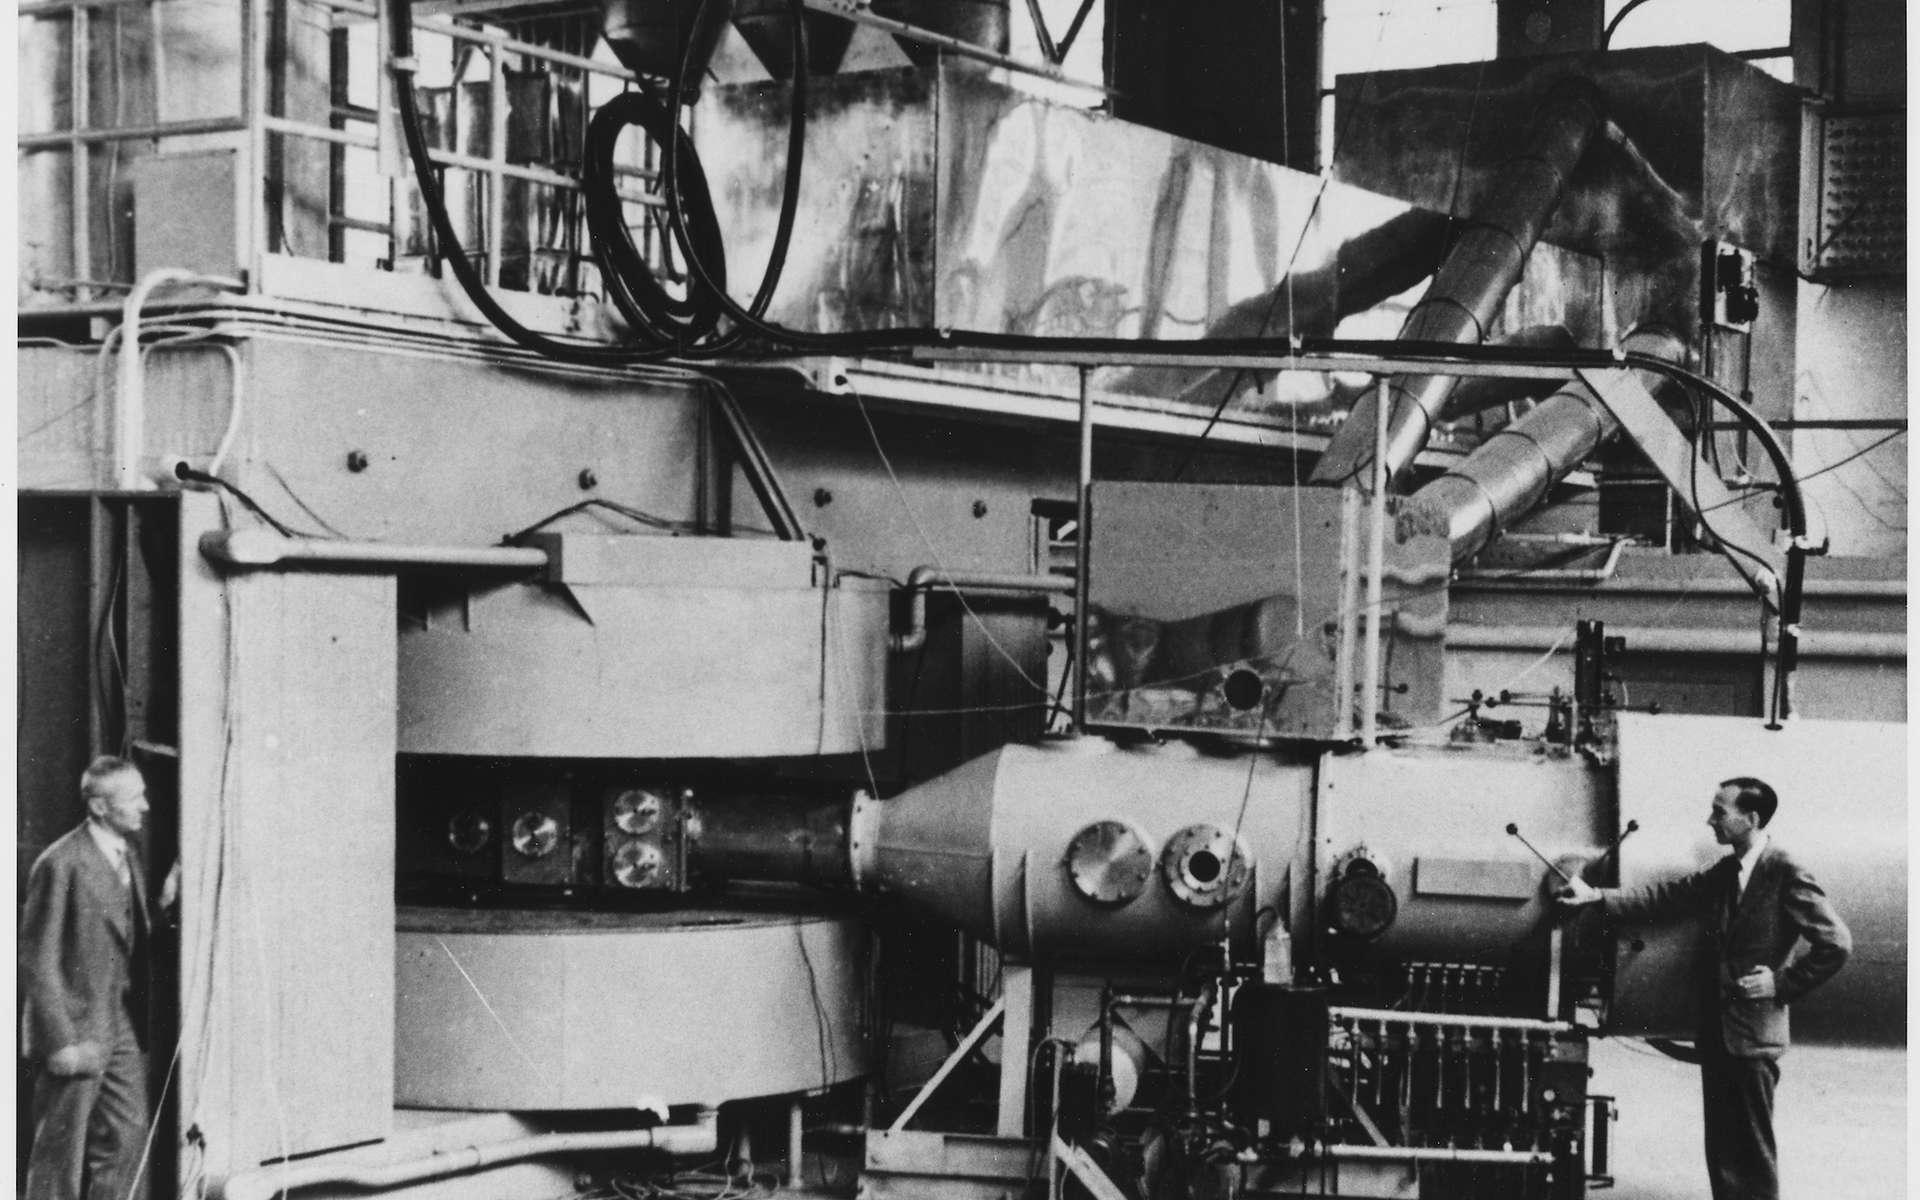 Le cyclotron du Lawrence Radiation Laboratory de Berkeley (Californie) grâce auquel le neptunium a été synthétisé pour la première fois. © Department of Energy. Office of Public Affairs, National Archives and Recrods Administration, DP